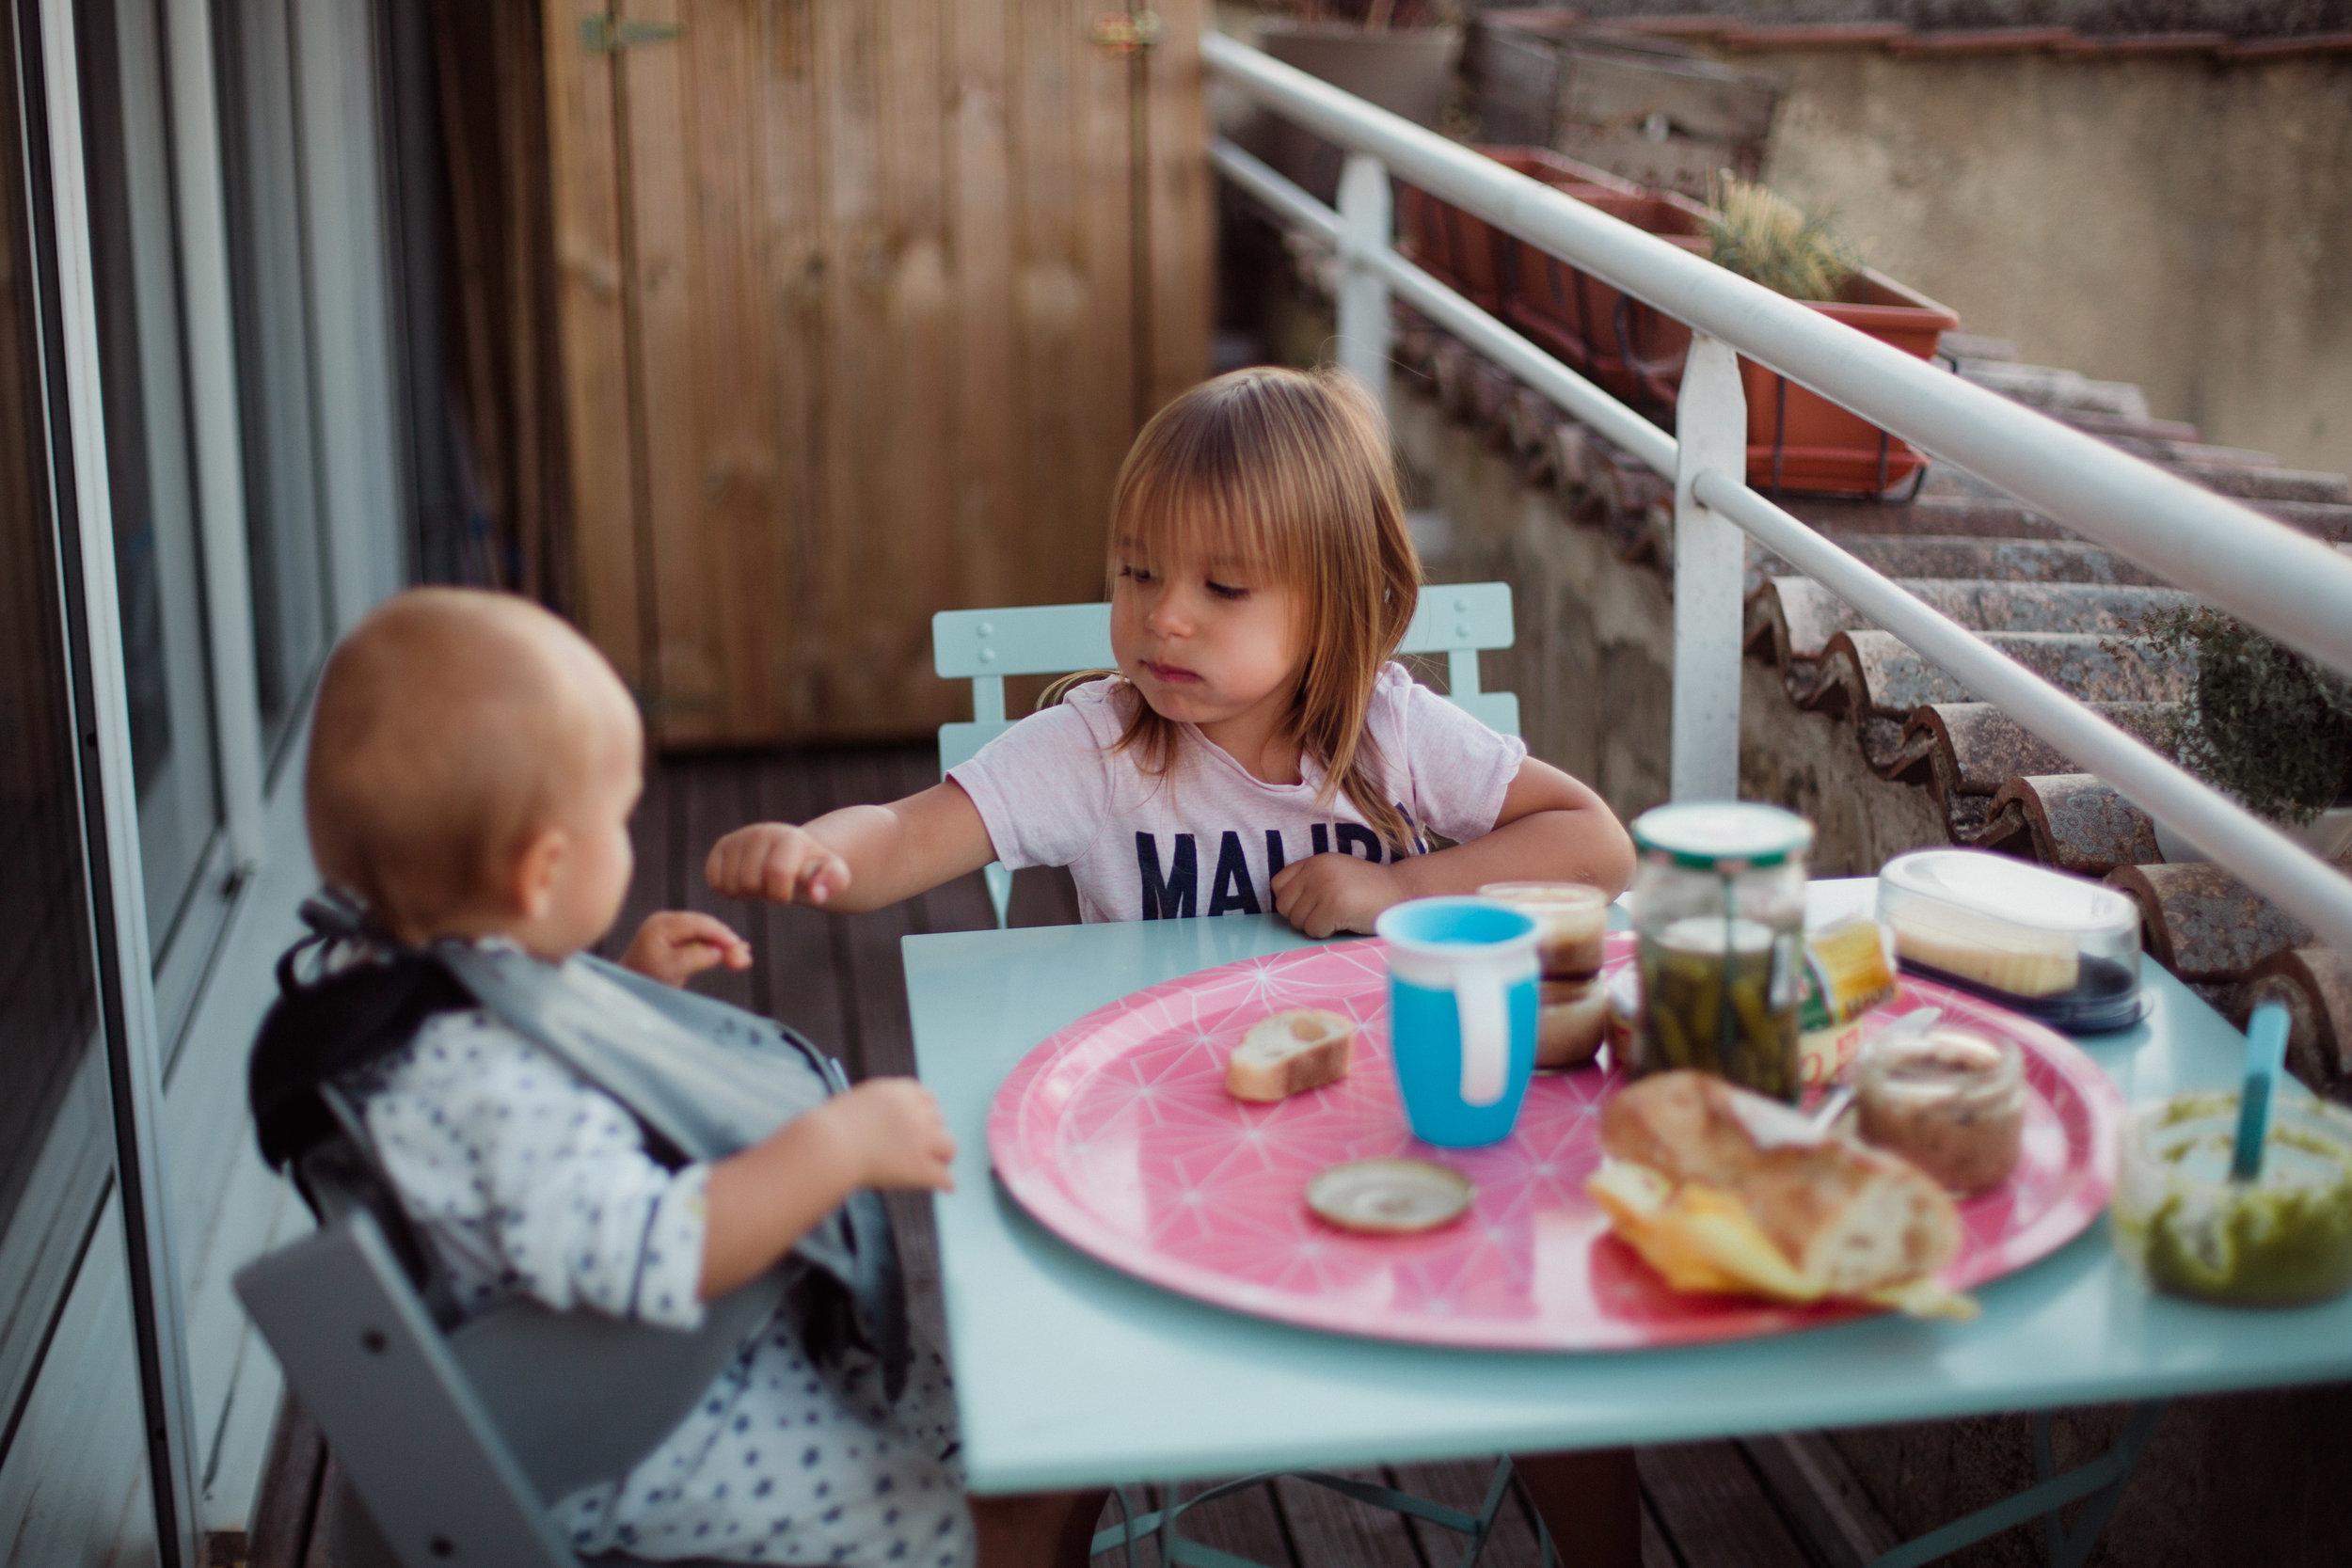 reportage-famille-toute-la-journee-quotidien-photographe-pauline-maroussiap-bordeaux